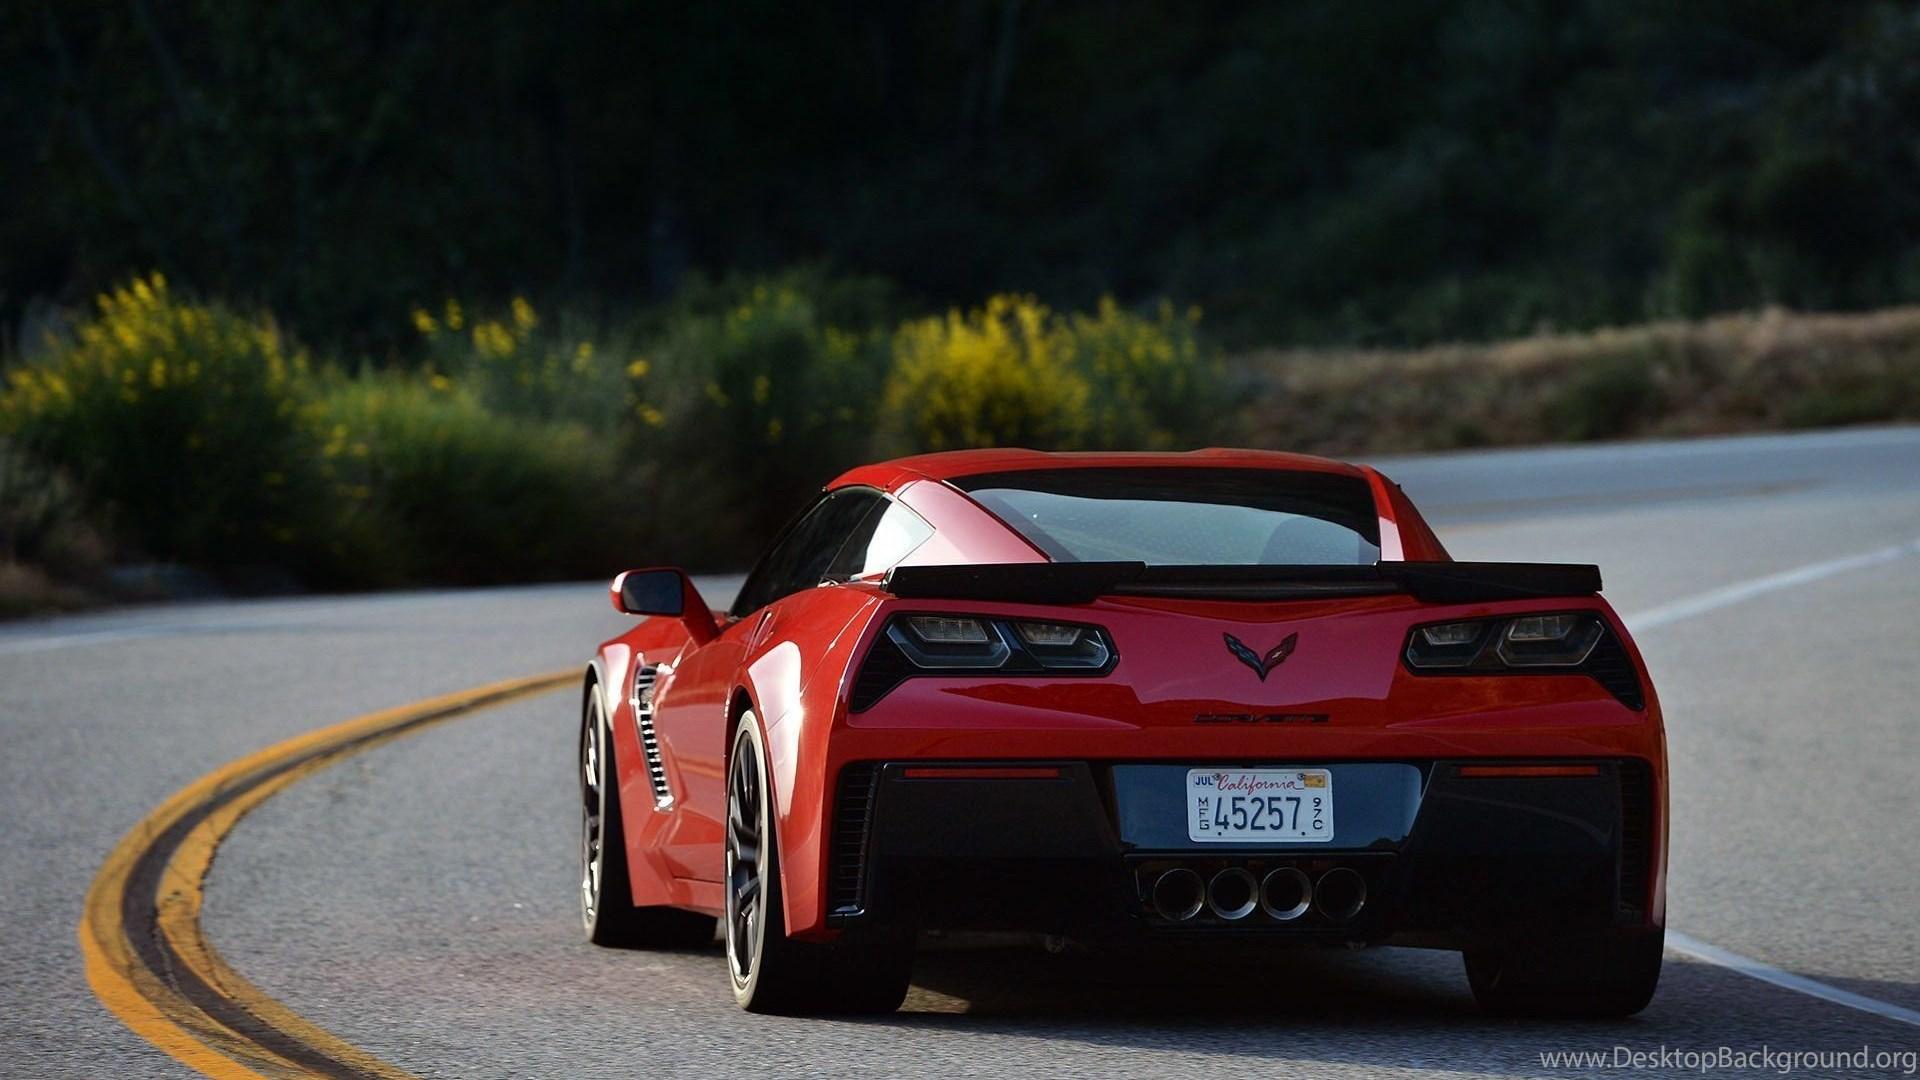 2015 Chevrolet Corvette Z06 Coupe Car C7 Wallpapers Desktop Background